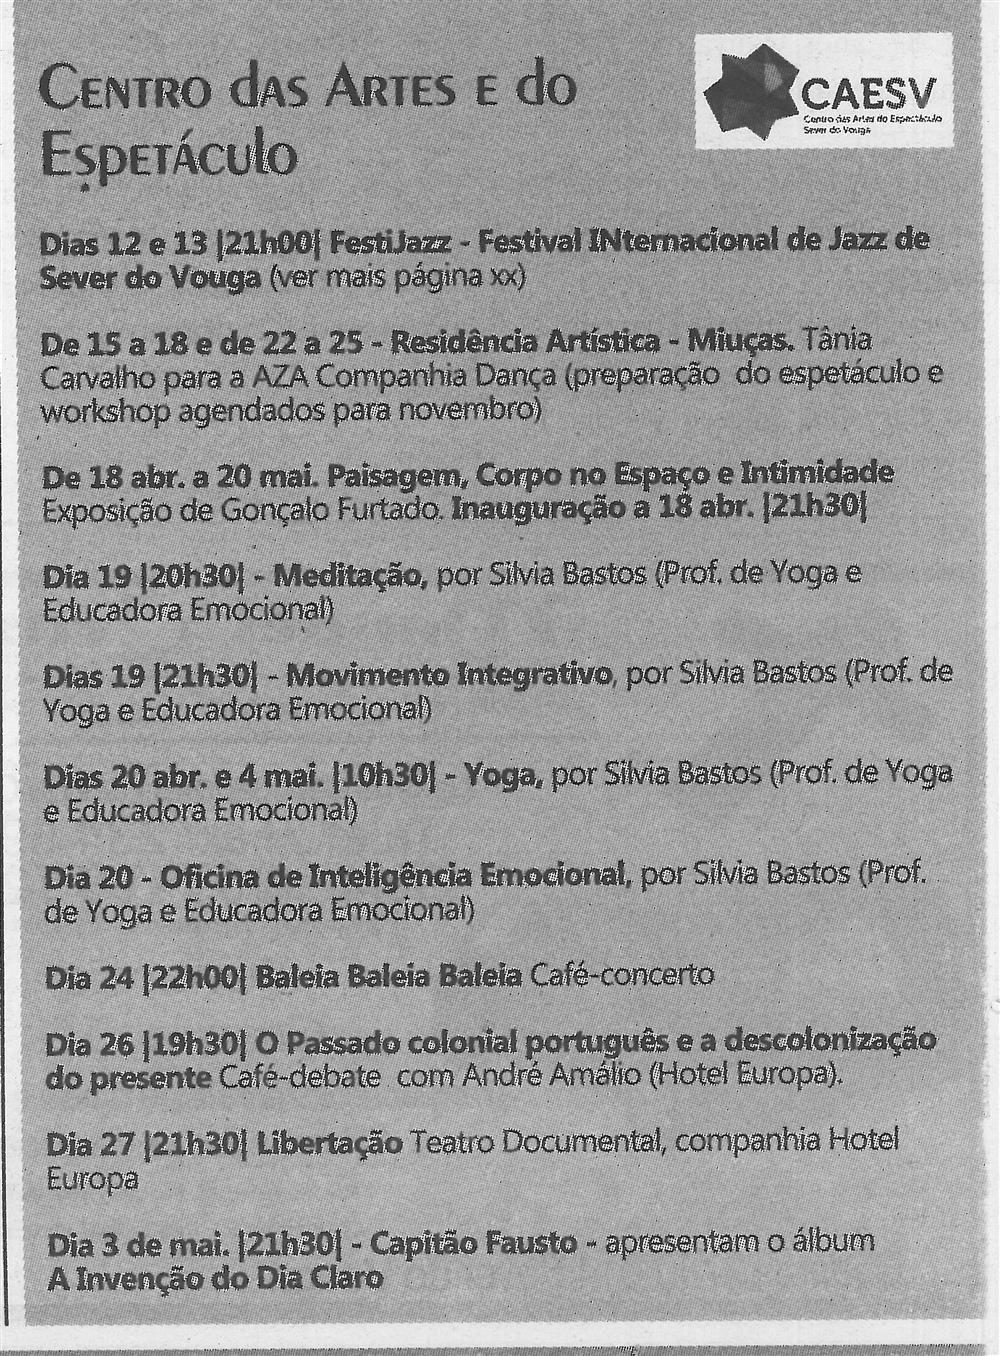 TV-abr.'19-p.11-Agenda Cultural [de] abril : Centro das Artes e do Espatáculo.jpg